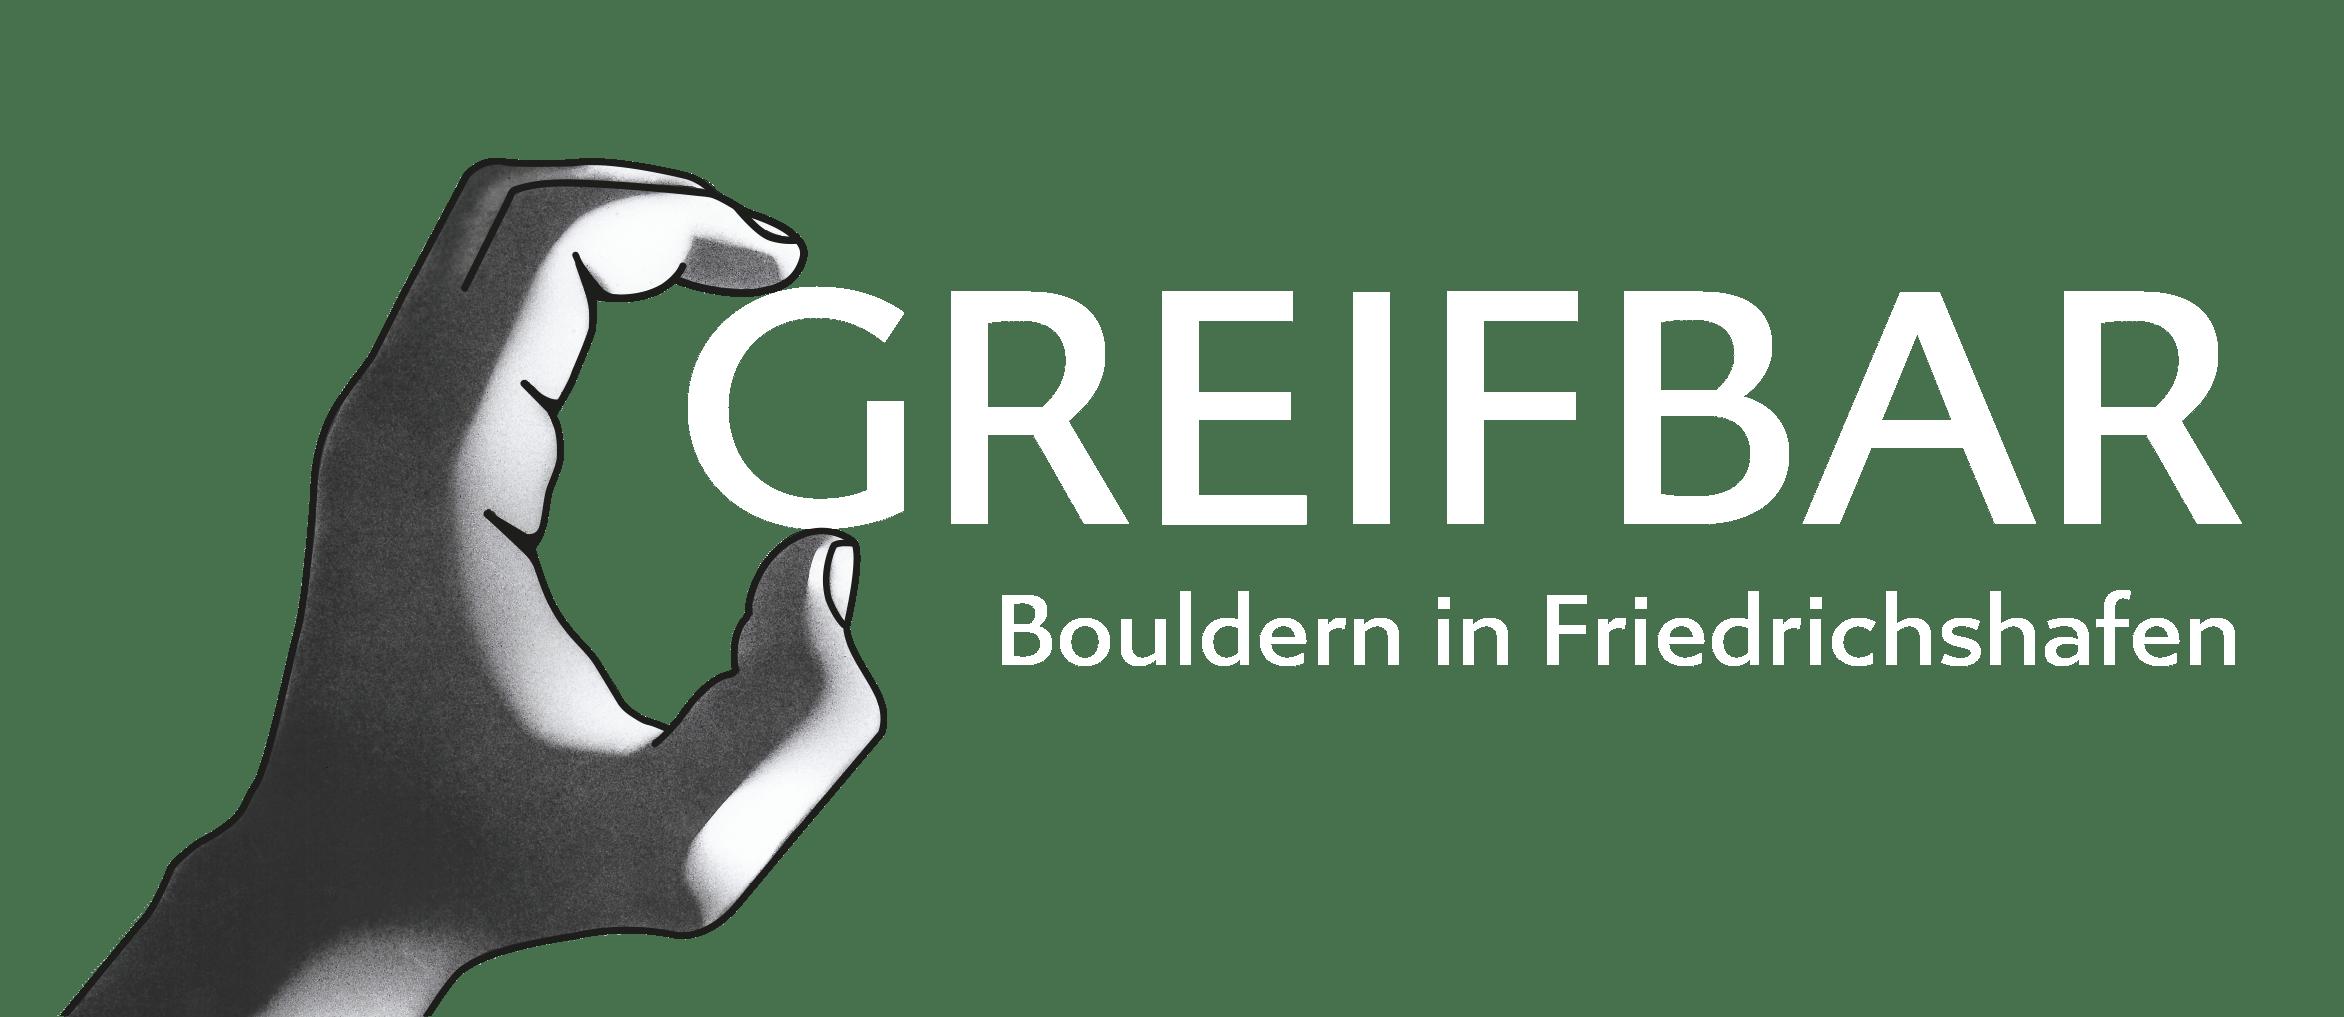 Greifbar_Friedrichshafen_Logo_Weiss_Transparent